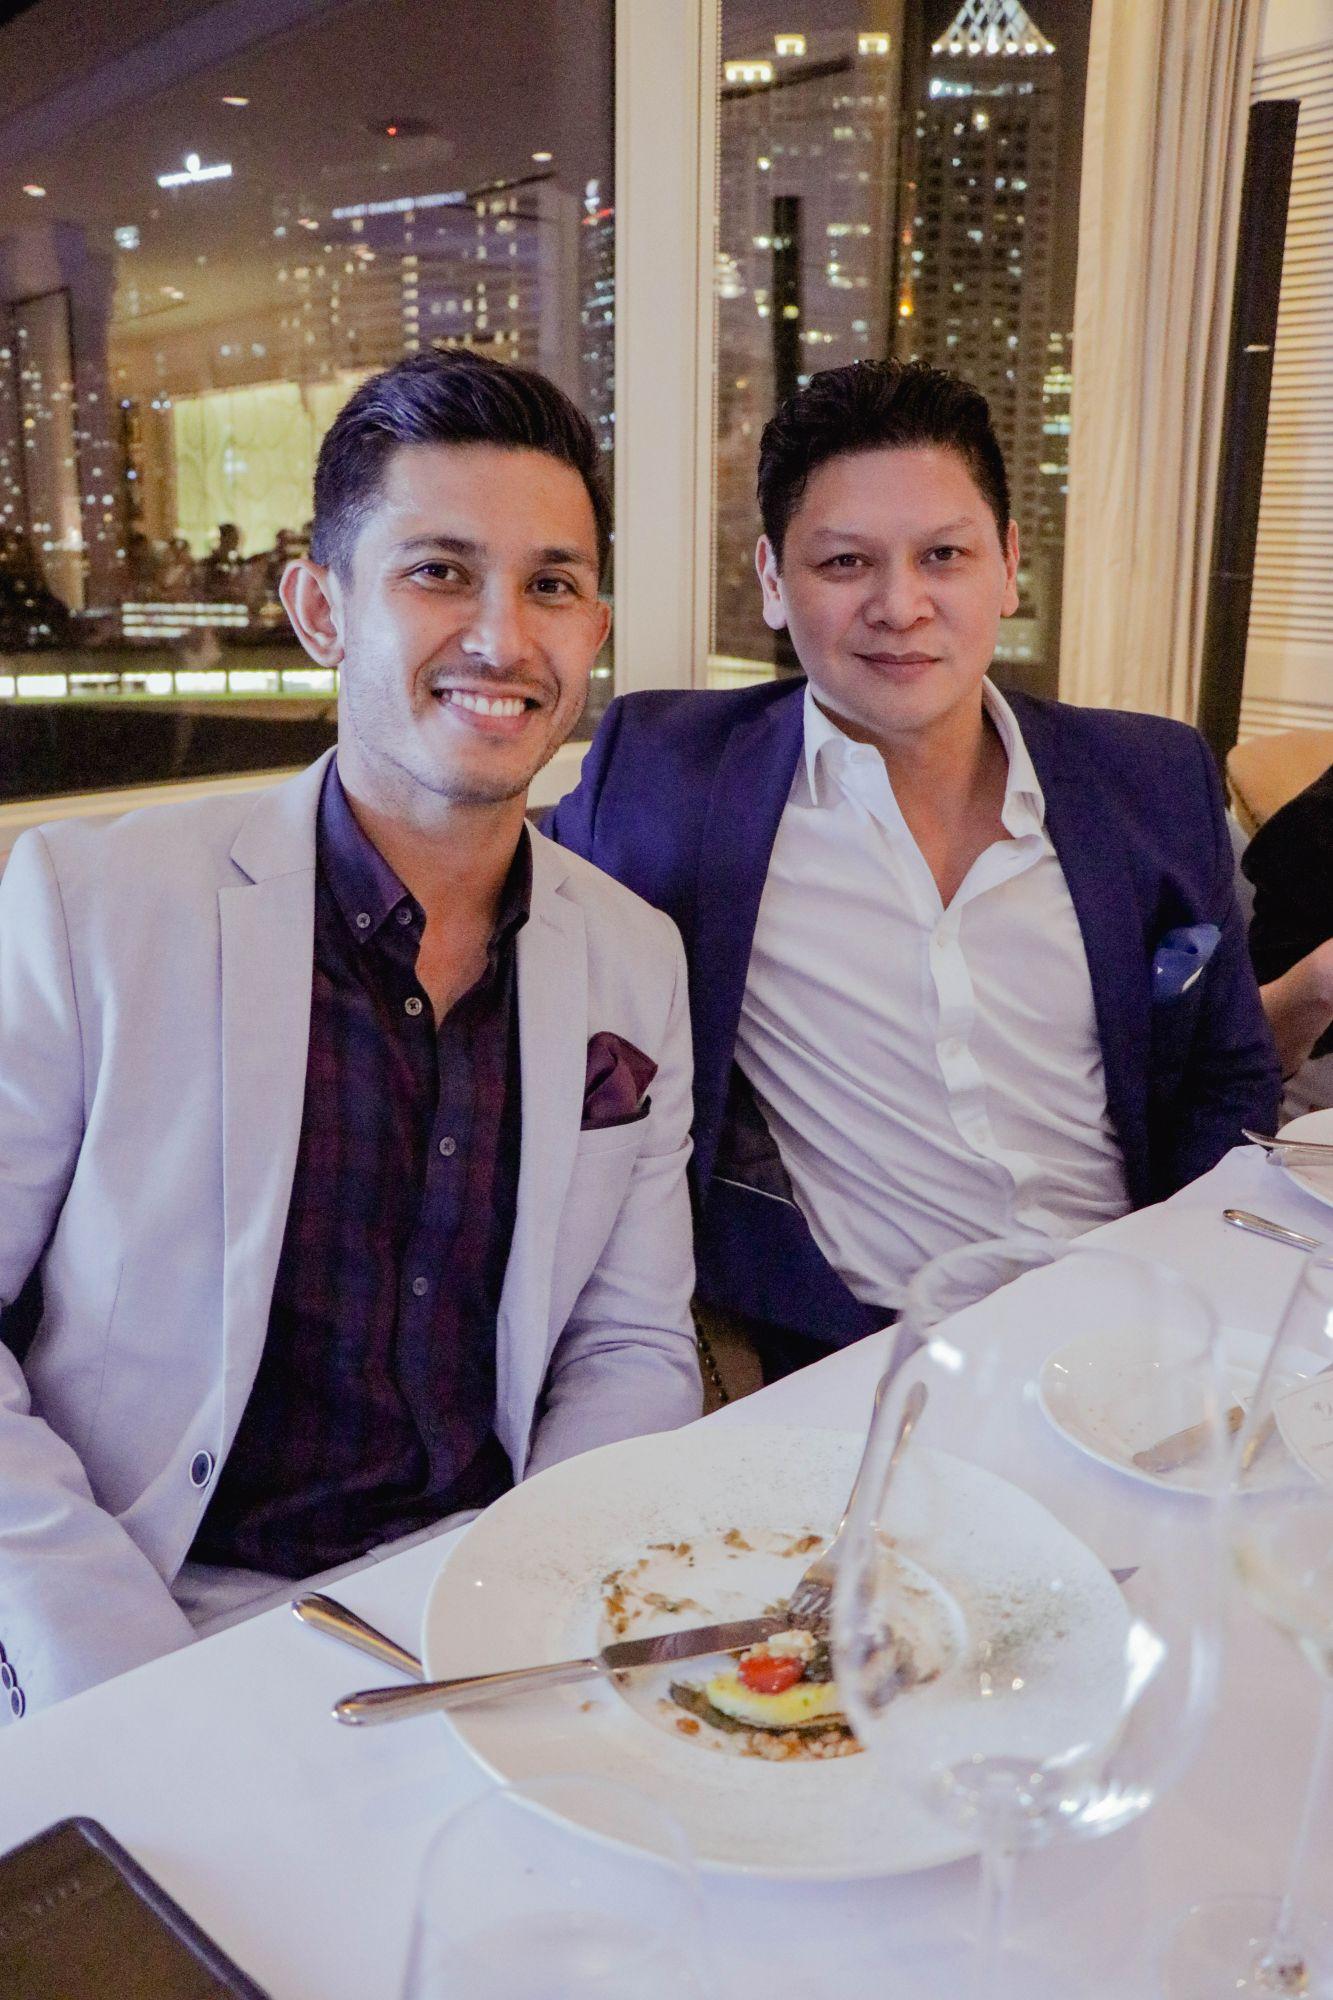 Rafael Fortis and Anton San Diego